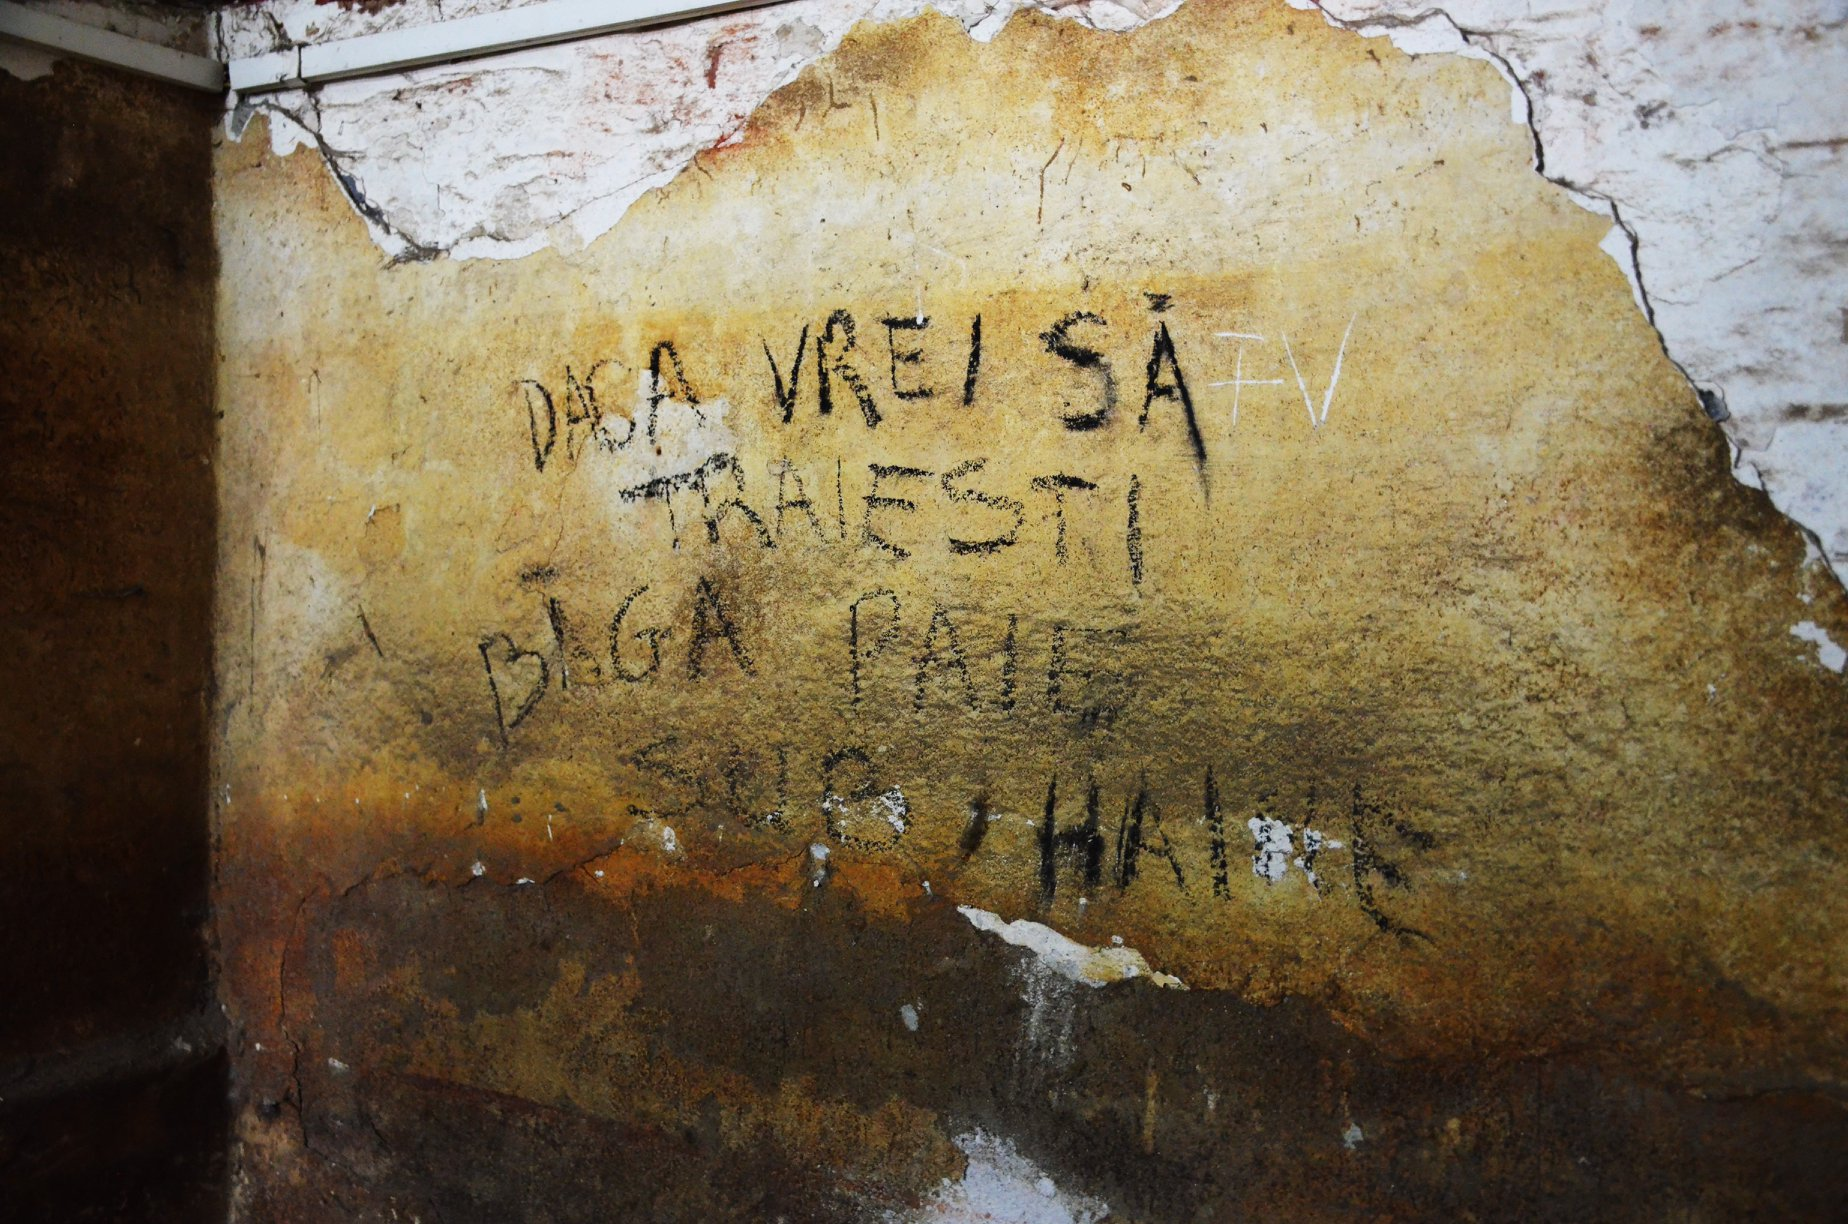 Închisoarea comunistă Fortul 13 Jilava